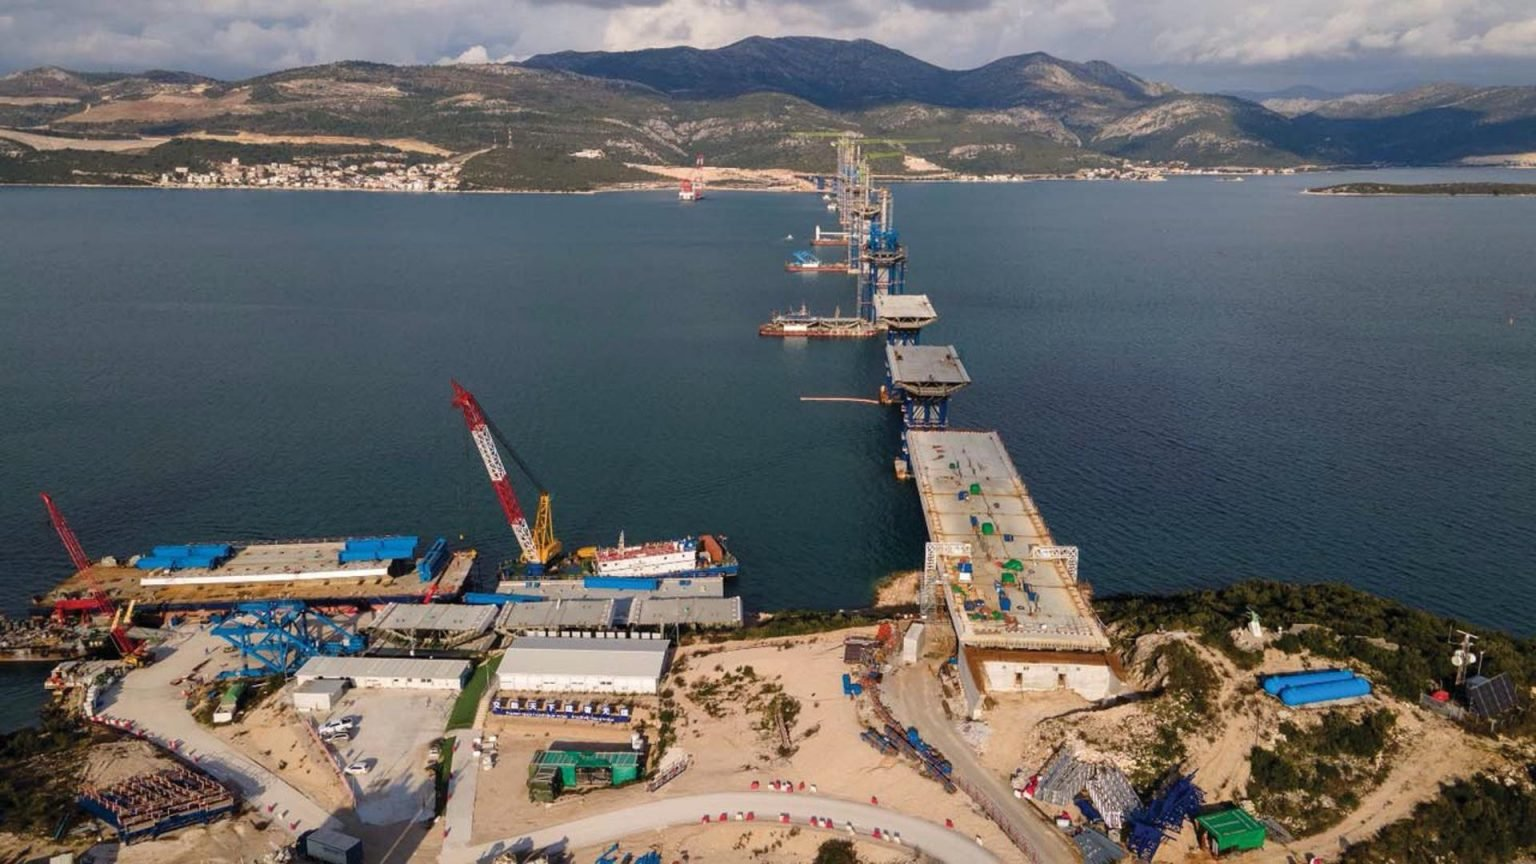 Κροατία: H γέφυρα Pelješac υψώθηκε πάνω από τη στάθμη της θάλασσας